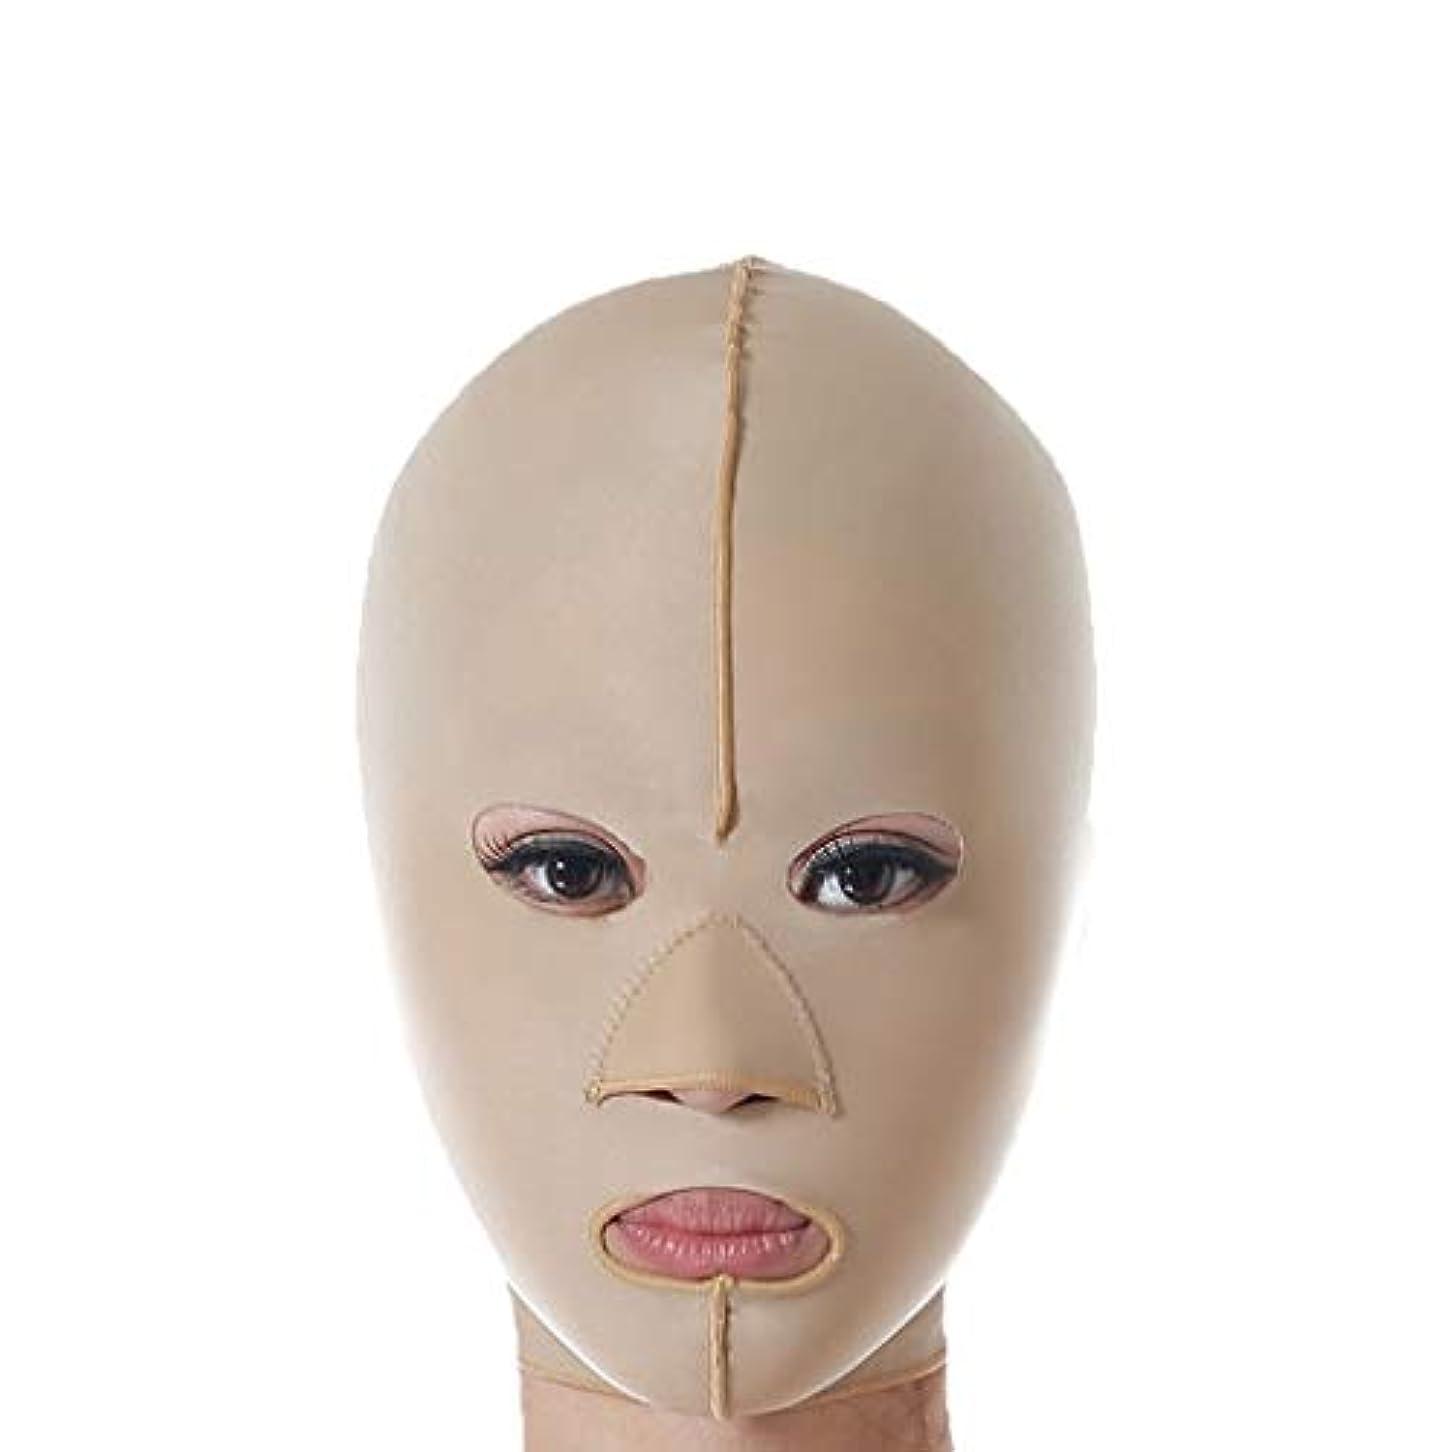 受信真珠のような達成可能XHLMRMJ 減量フェイスマスク、リフティング包帯、スリムフェイスリフトリフティングベルト、フェイシャル減量リフティング包帯 (Size : L)